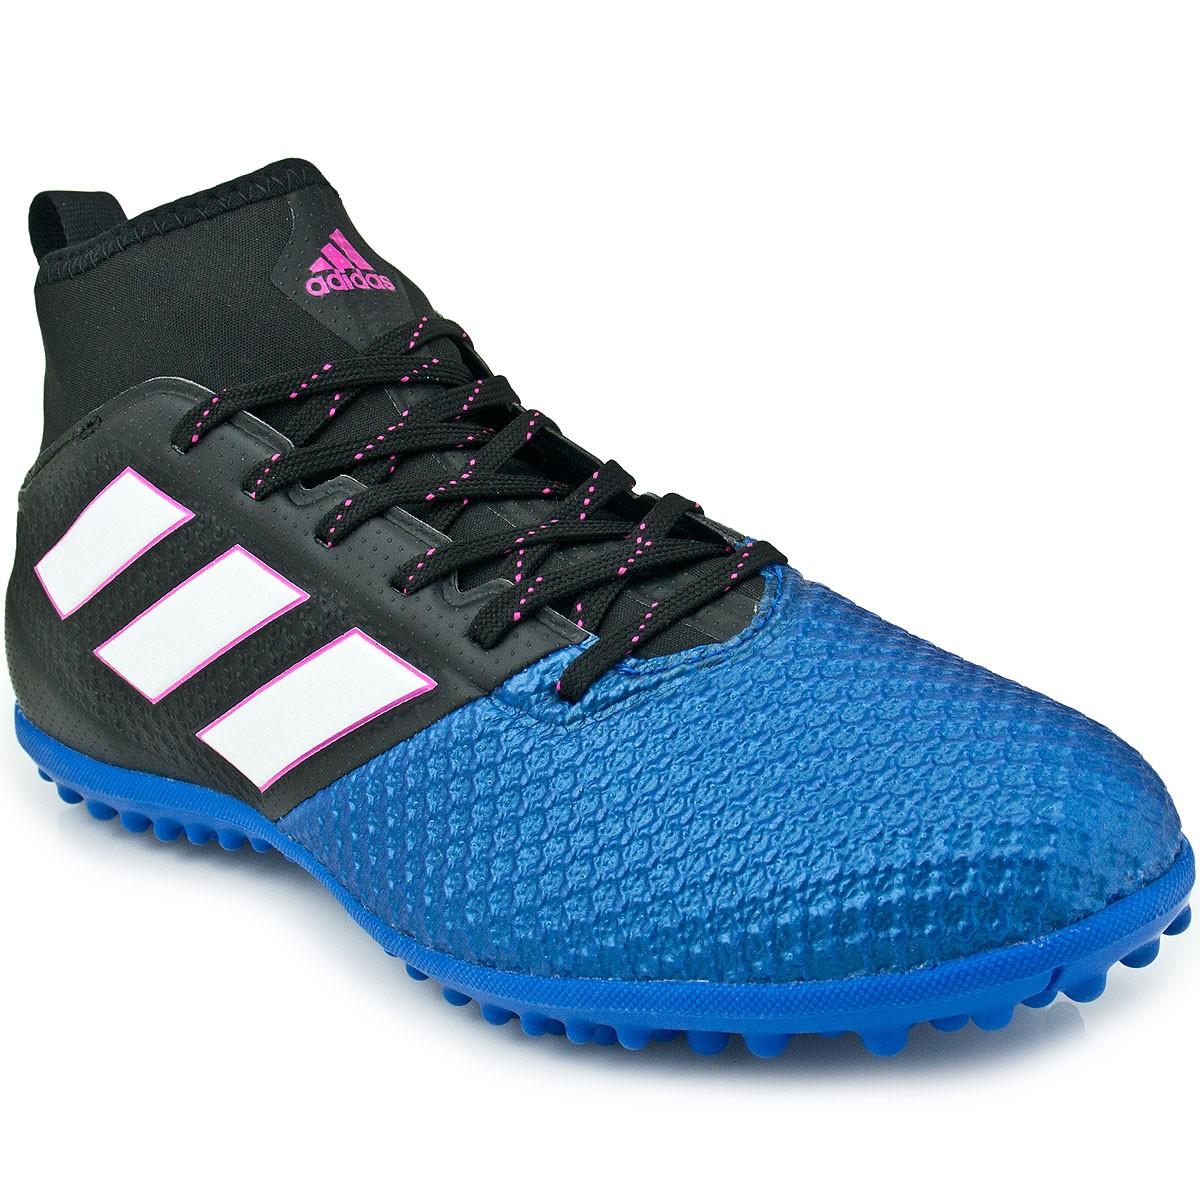 6f9c745d9 ... shop chuteira adidas ace 17.3 primemesh tf f7cd3 da58a